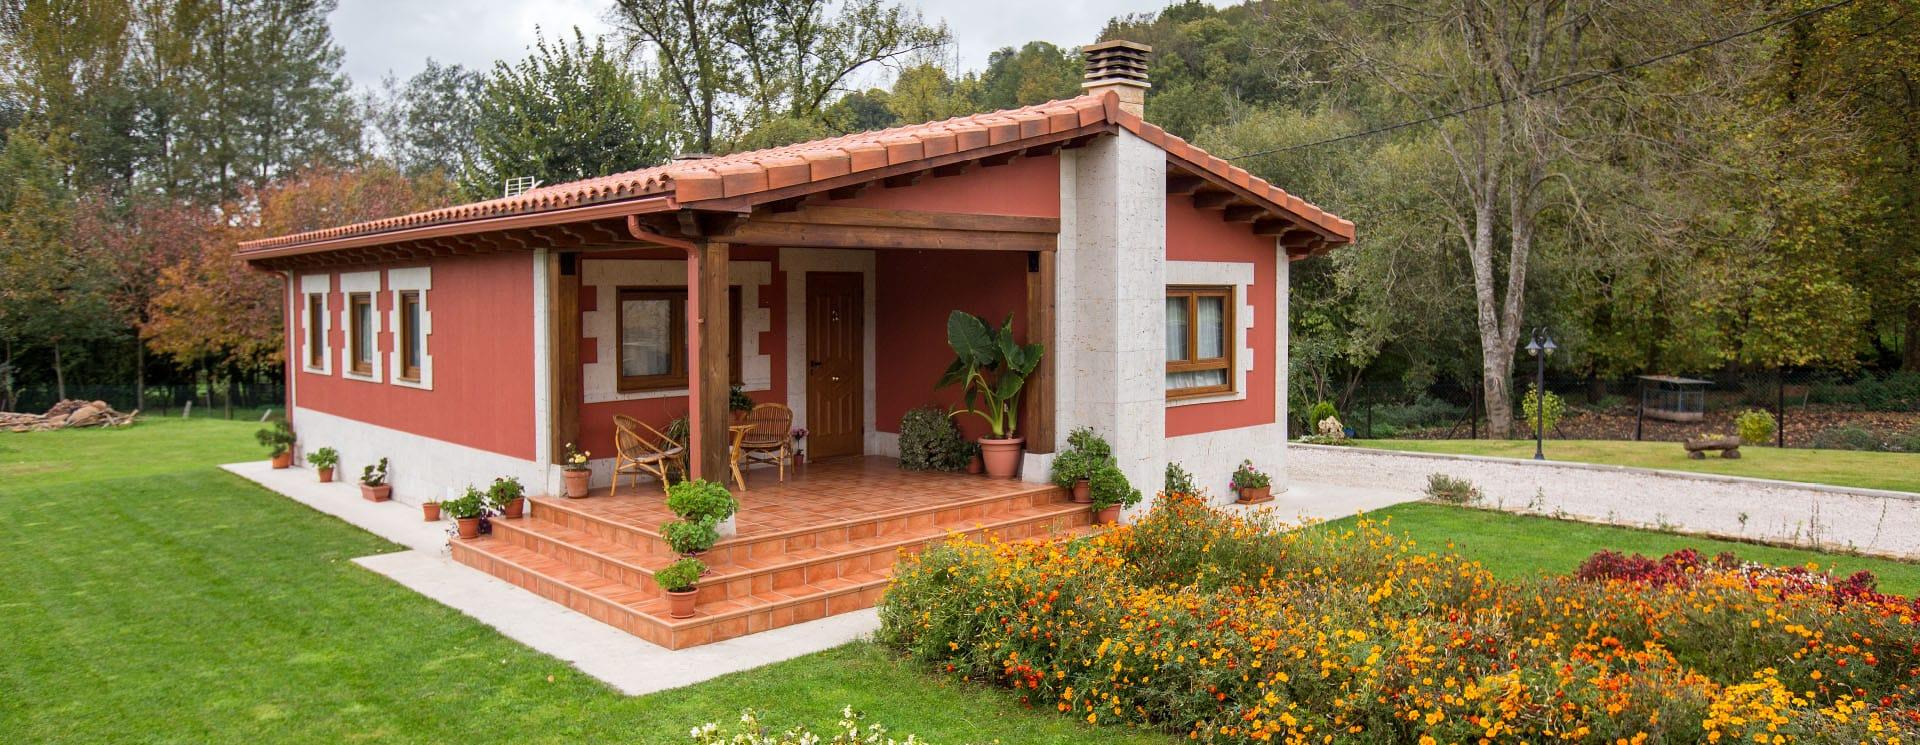 Cu nto cuesta una casa prefabricada precios y modelos for Modelos de casas de 3 dormitorios